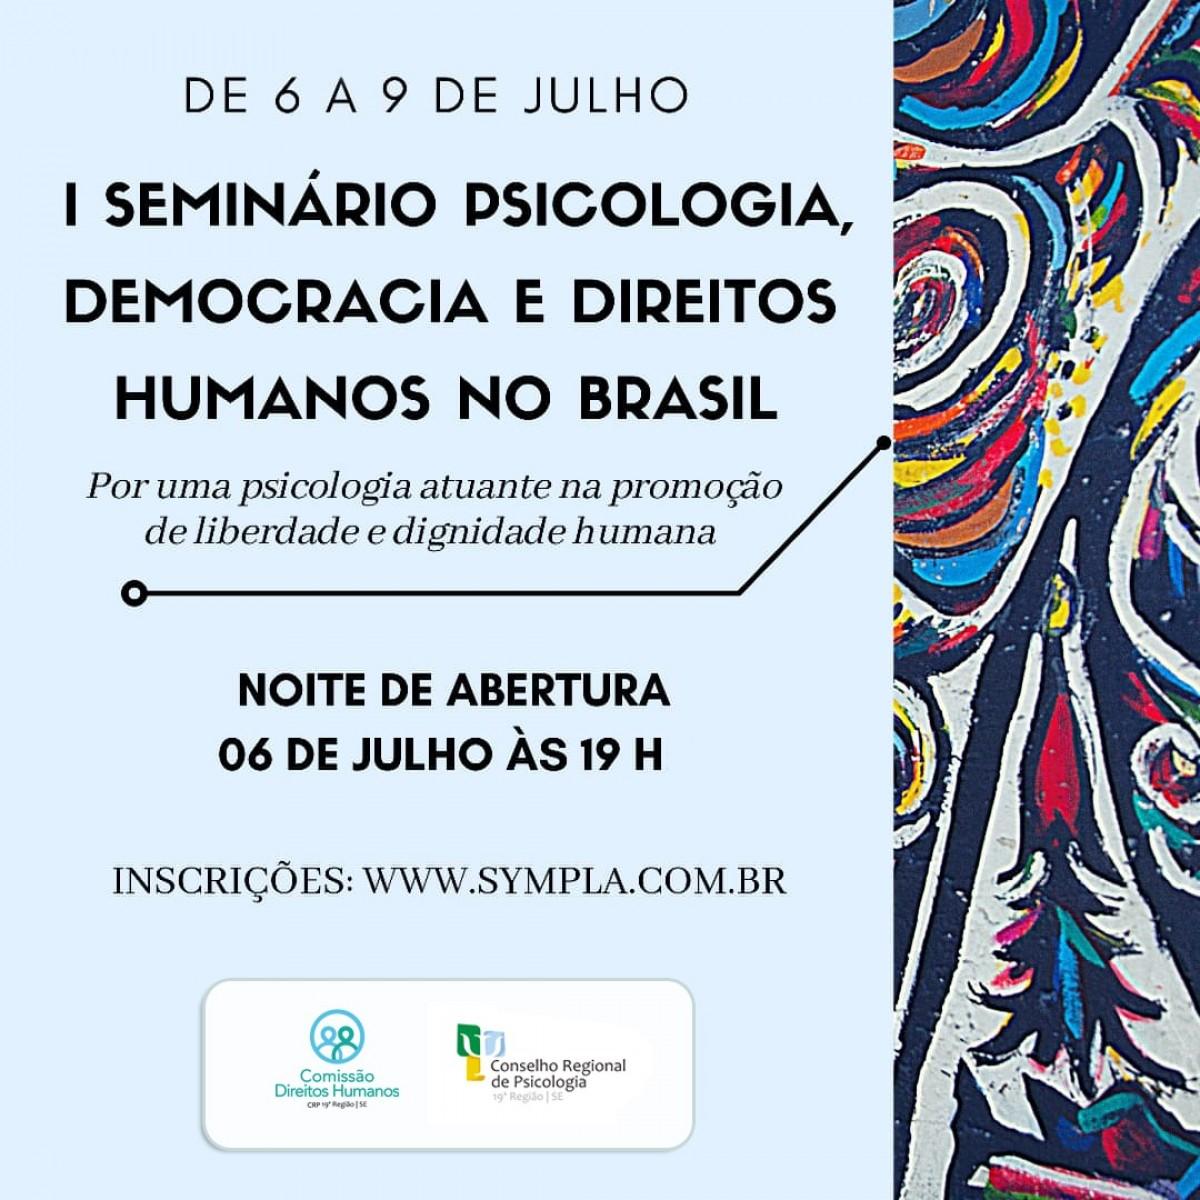 Conselho de Psicologia realiza webnário sobre Psicologia, Democracia e Direitos Humanos (Imagem: Divulgação/ CRP19)